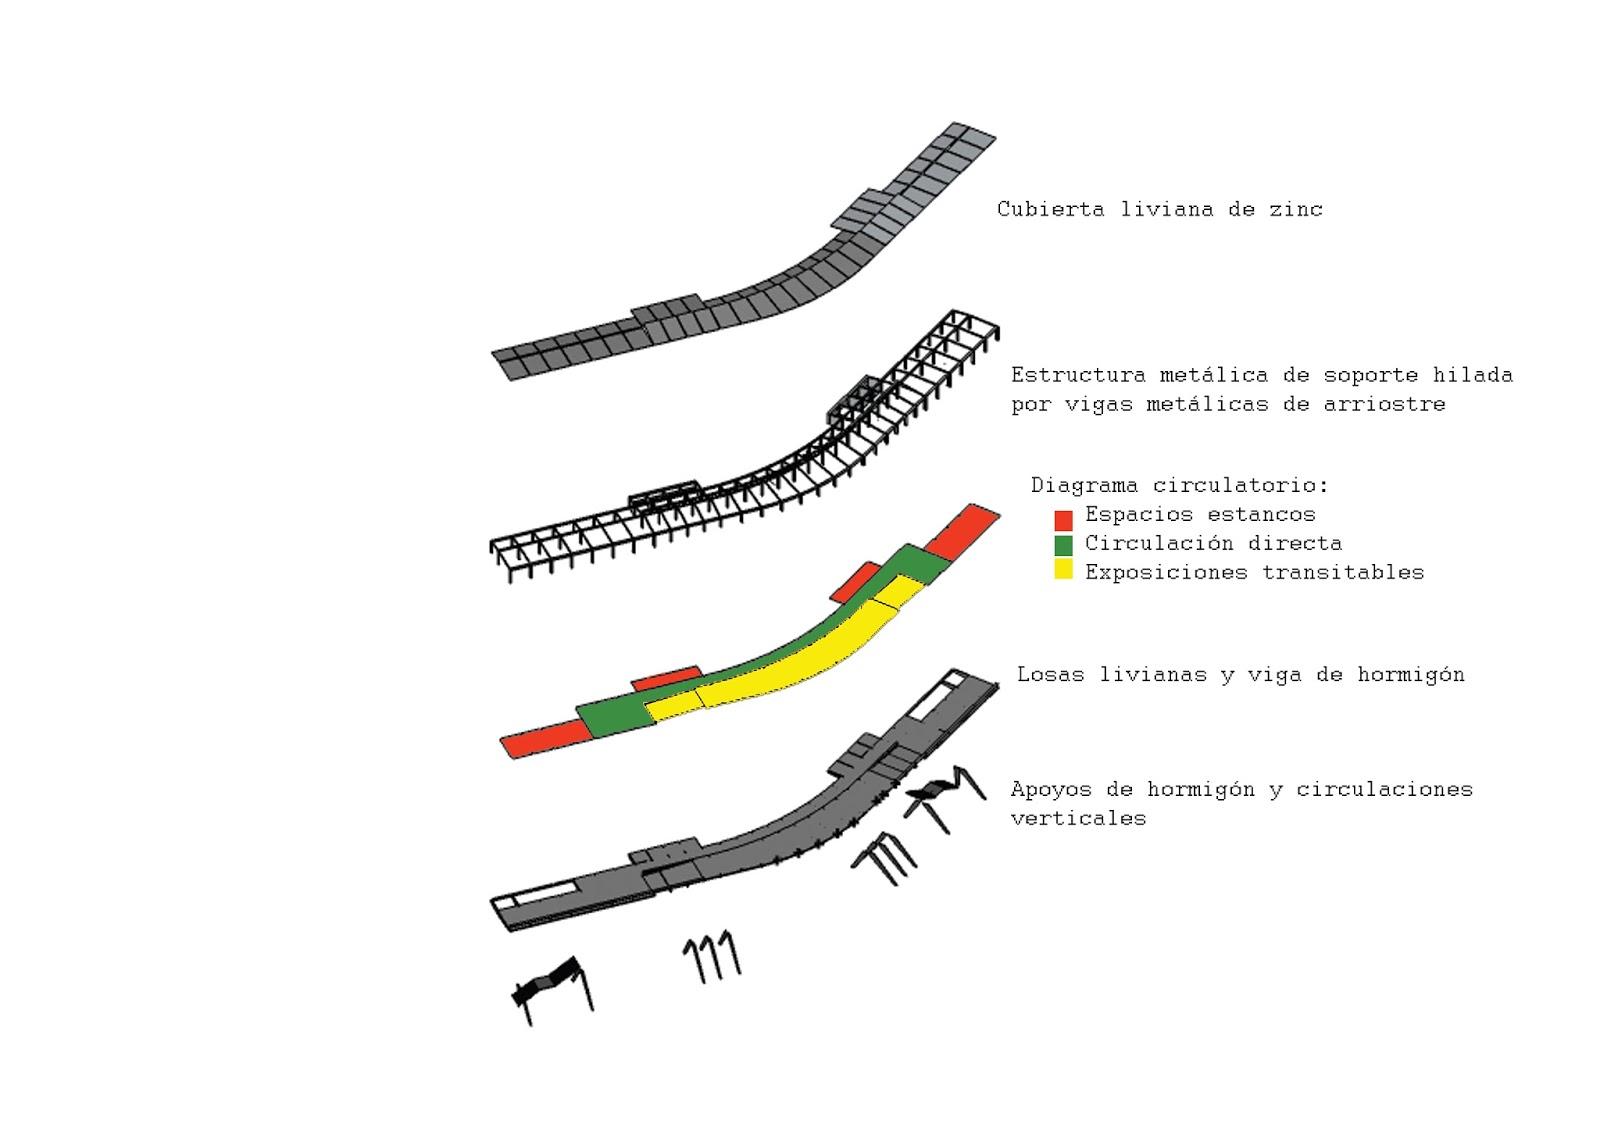 Ejercicio 2.2 | Diagrama estructural | circulatorio | A2 GRINBERG ...